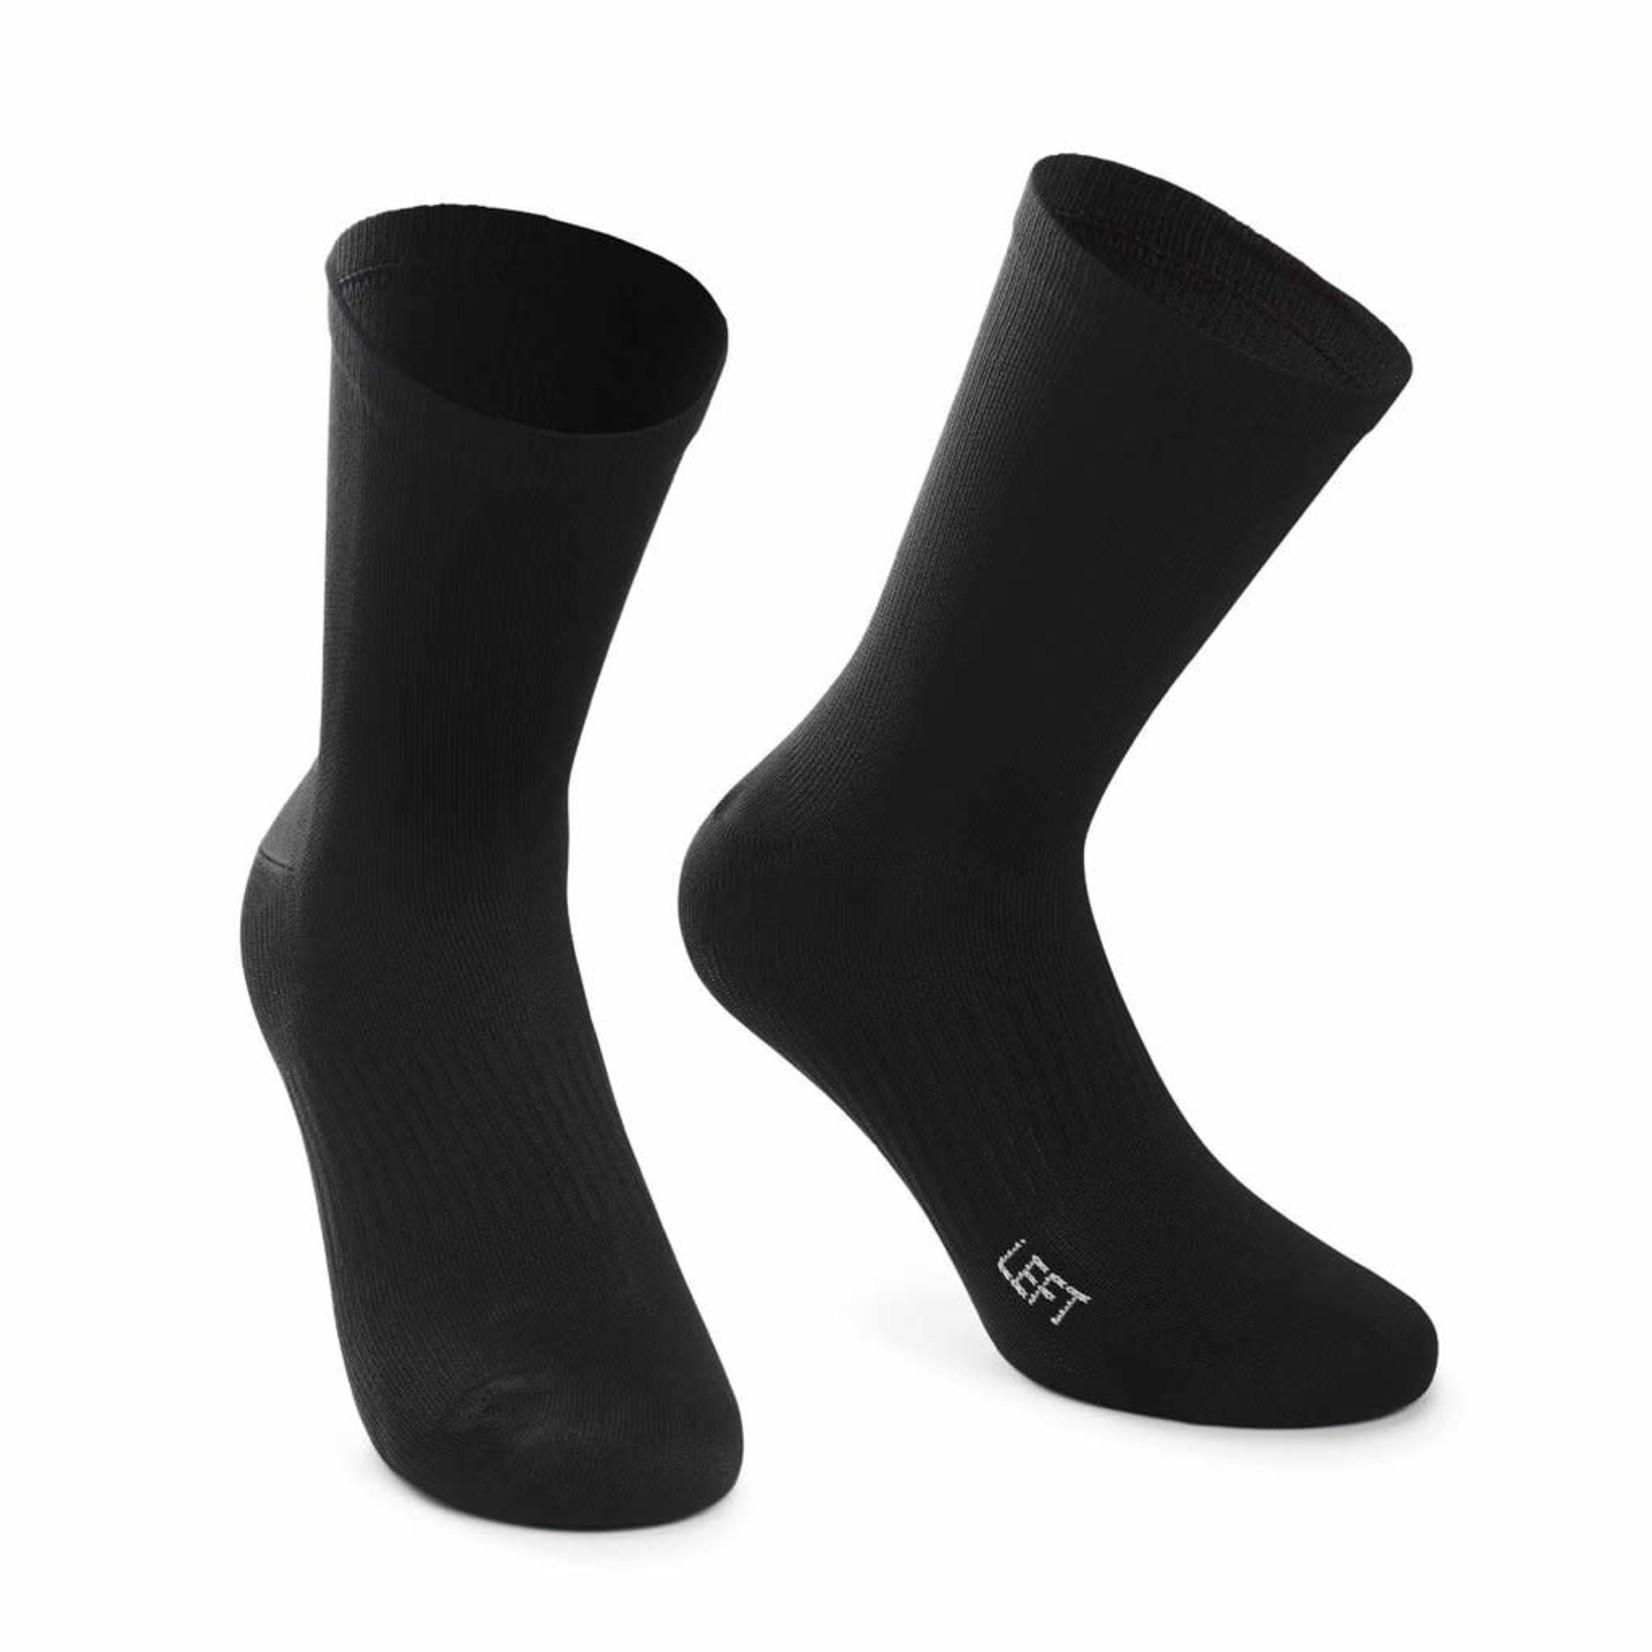 Assos Assos Essence Socks, 2 Pack